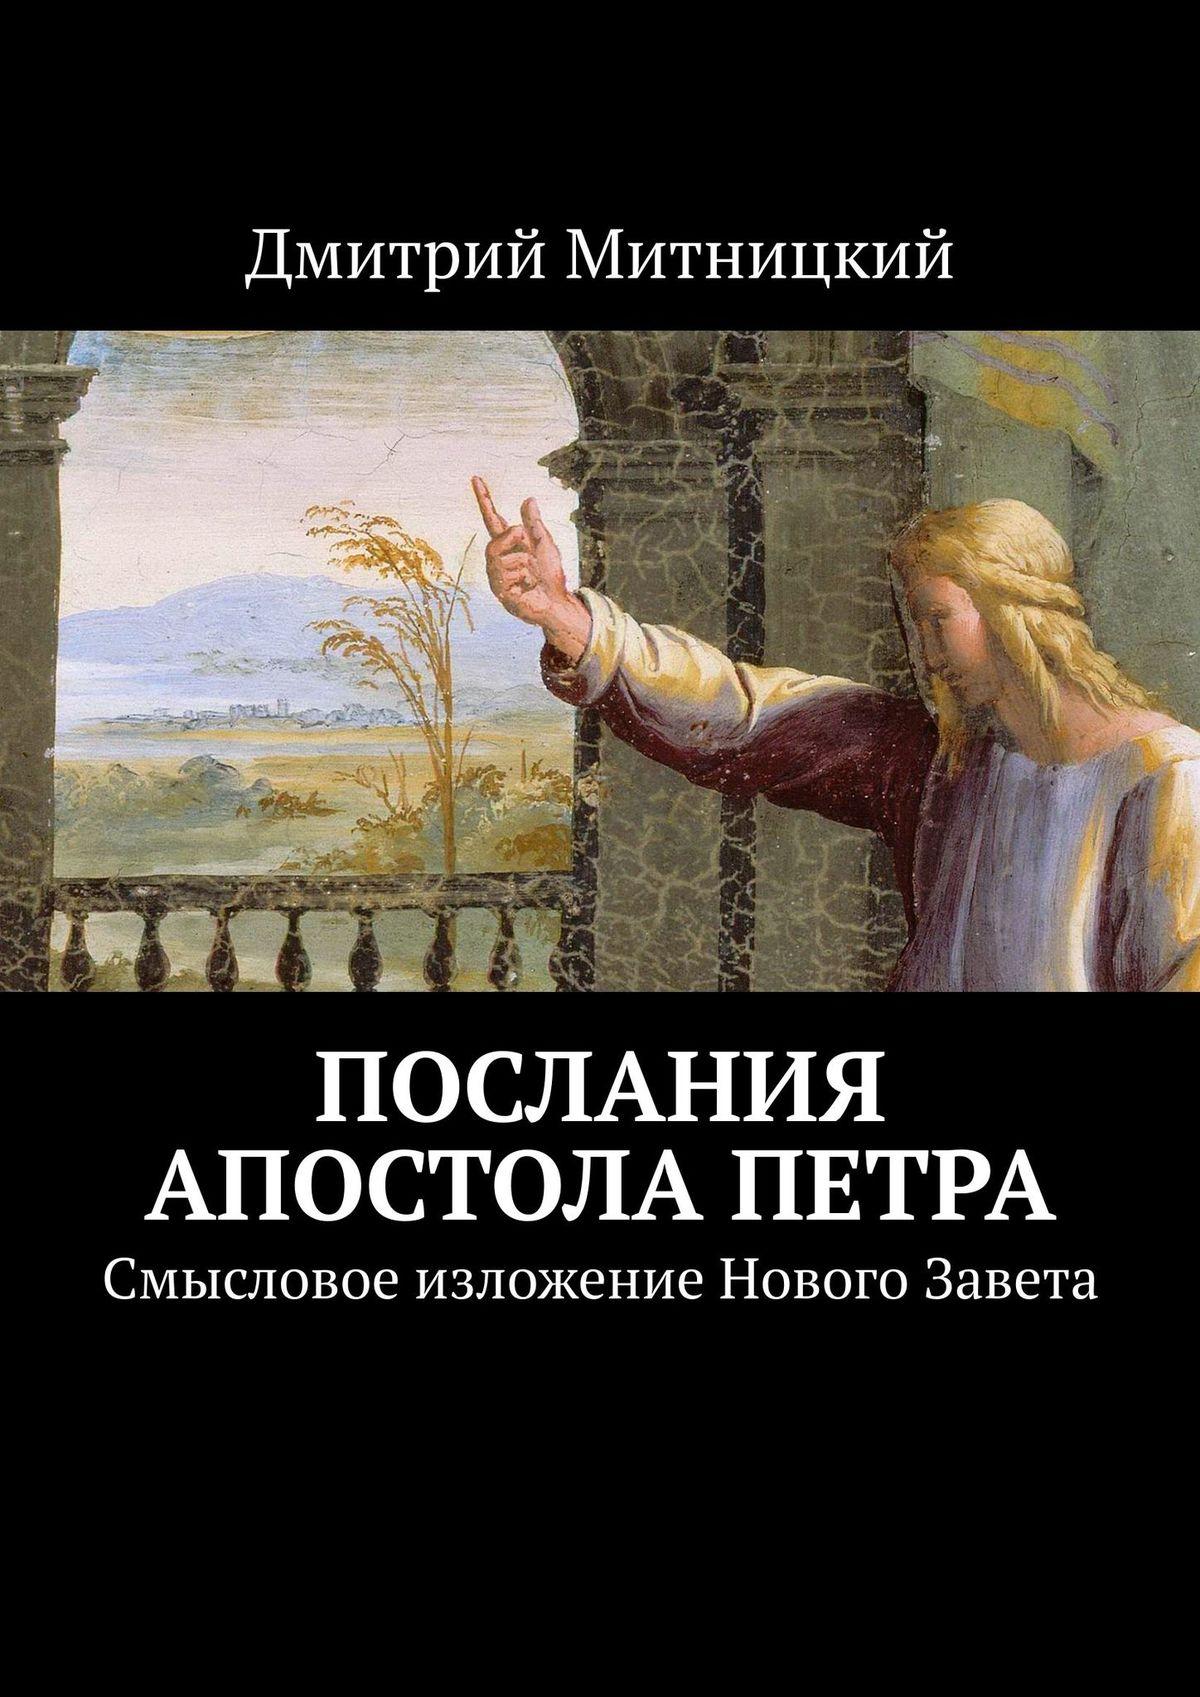 Послания апостола Петра. Смысловое изложение Нового Завета